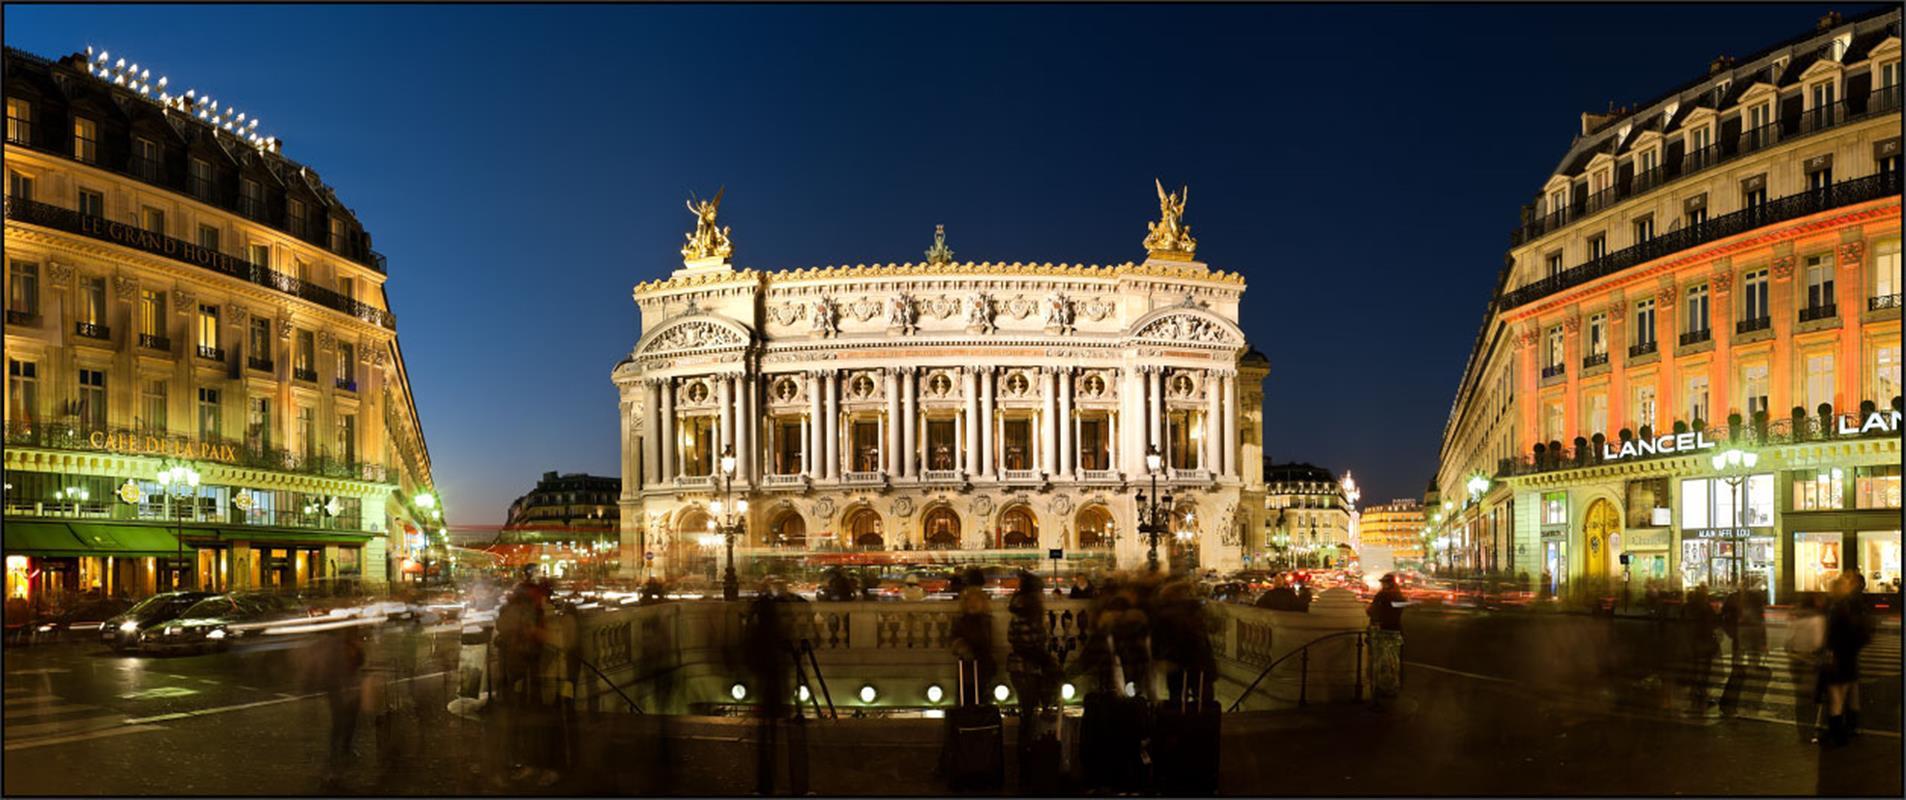 Опера Гарнье ночью. Источник http://en.relais-saint-charles.com/